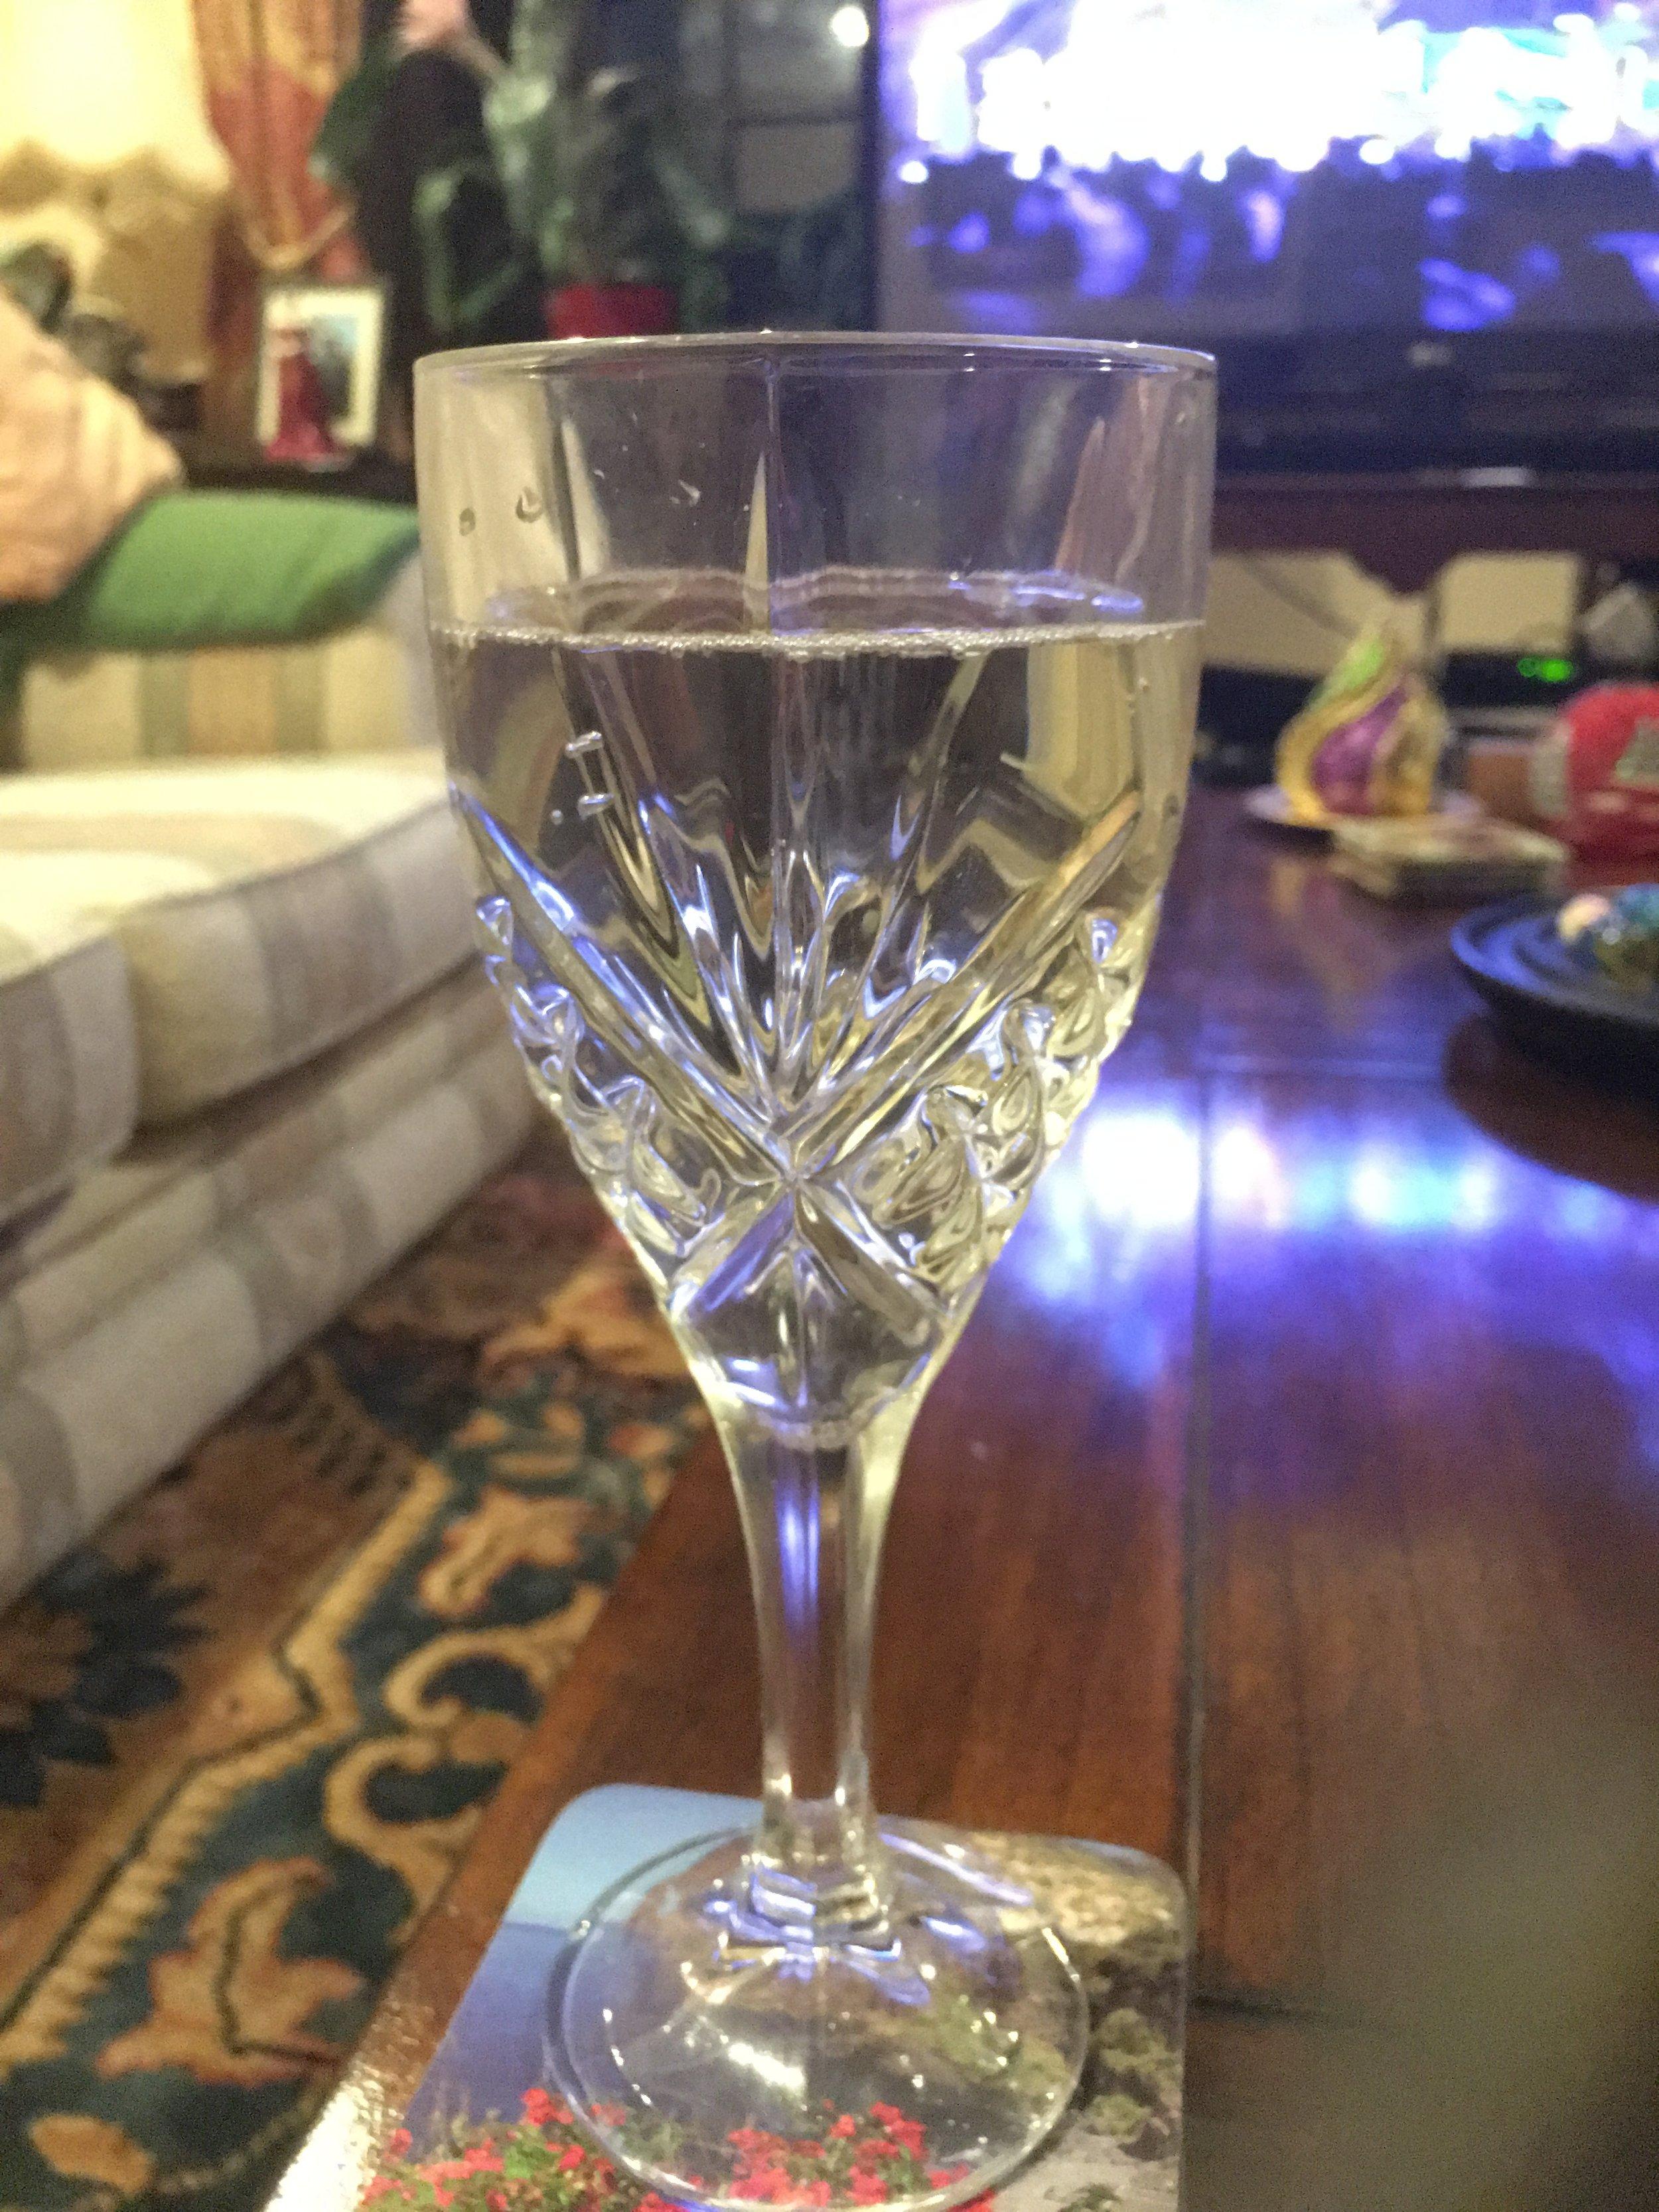 cheers guys